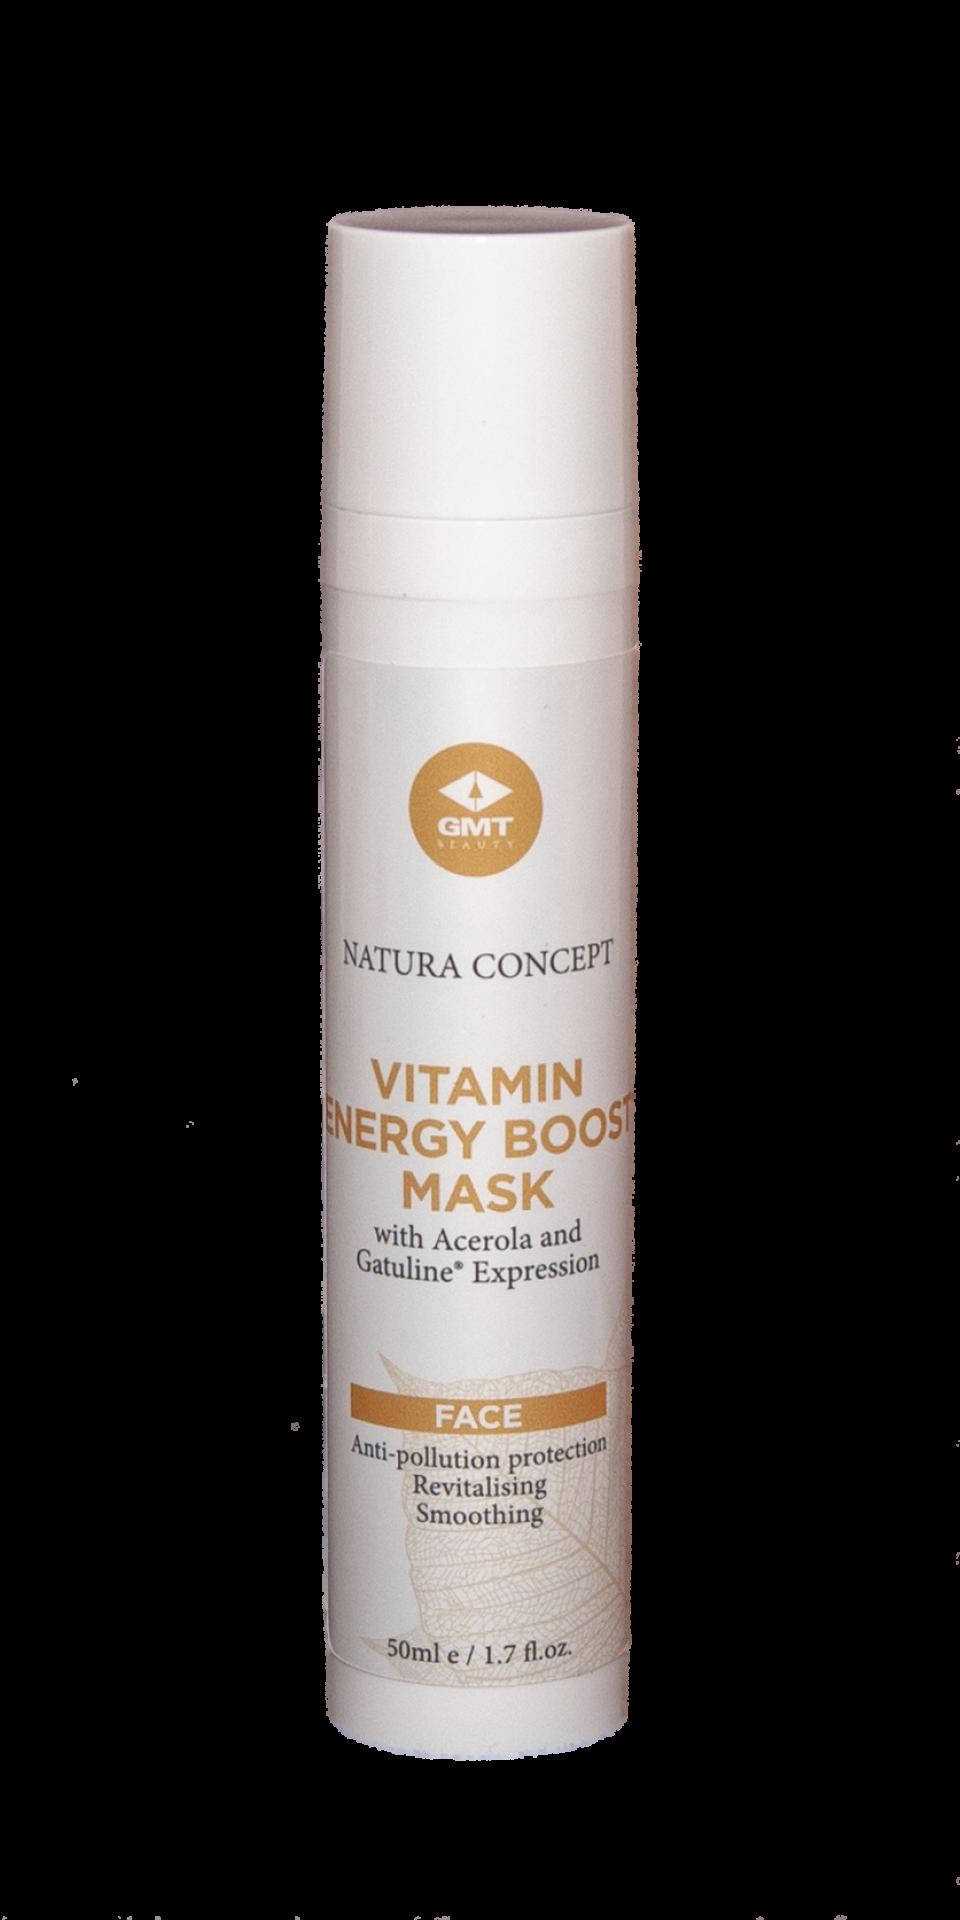 Masque à la vitamine c energy boost (pour le visage)